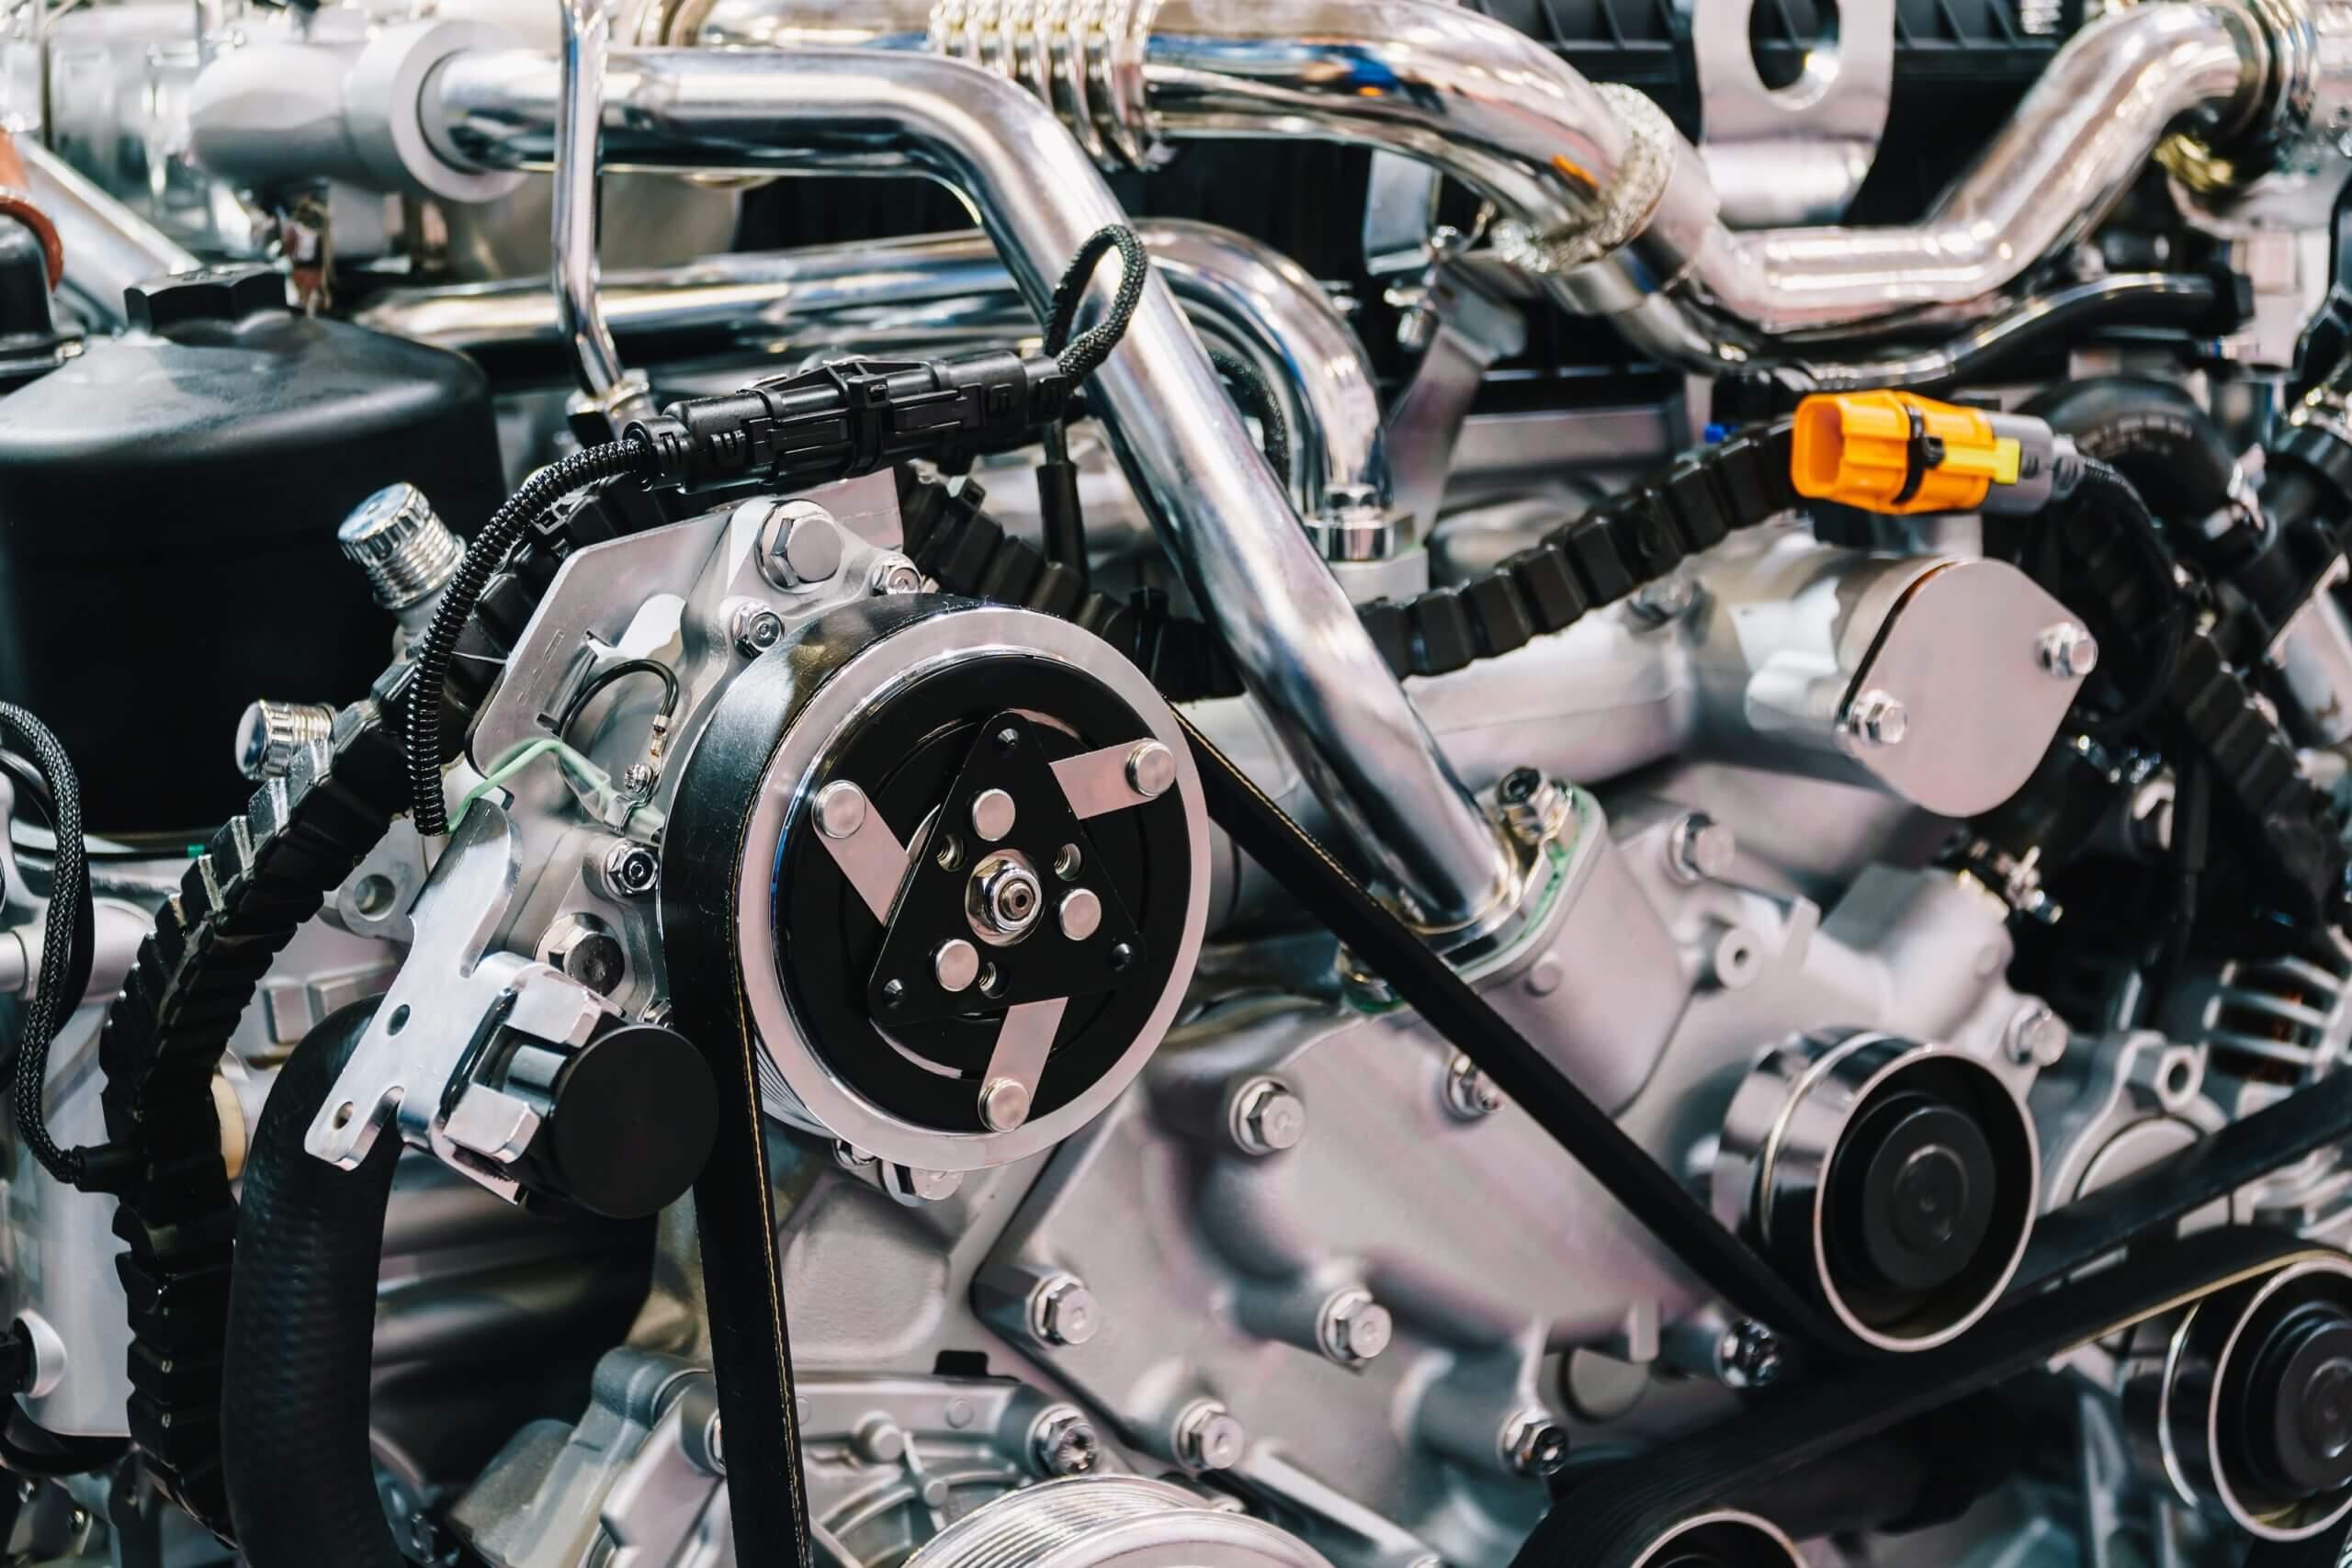 truck-engine-motor-components-in-car-service-inspe-84W6SYK-scaled-1 Automatyczne znakowanie laserowe tabliczek z systemem etykietowania